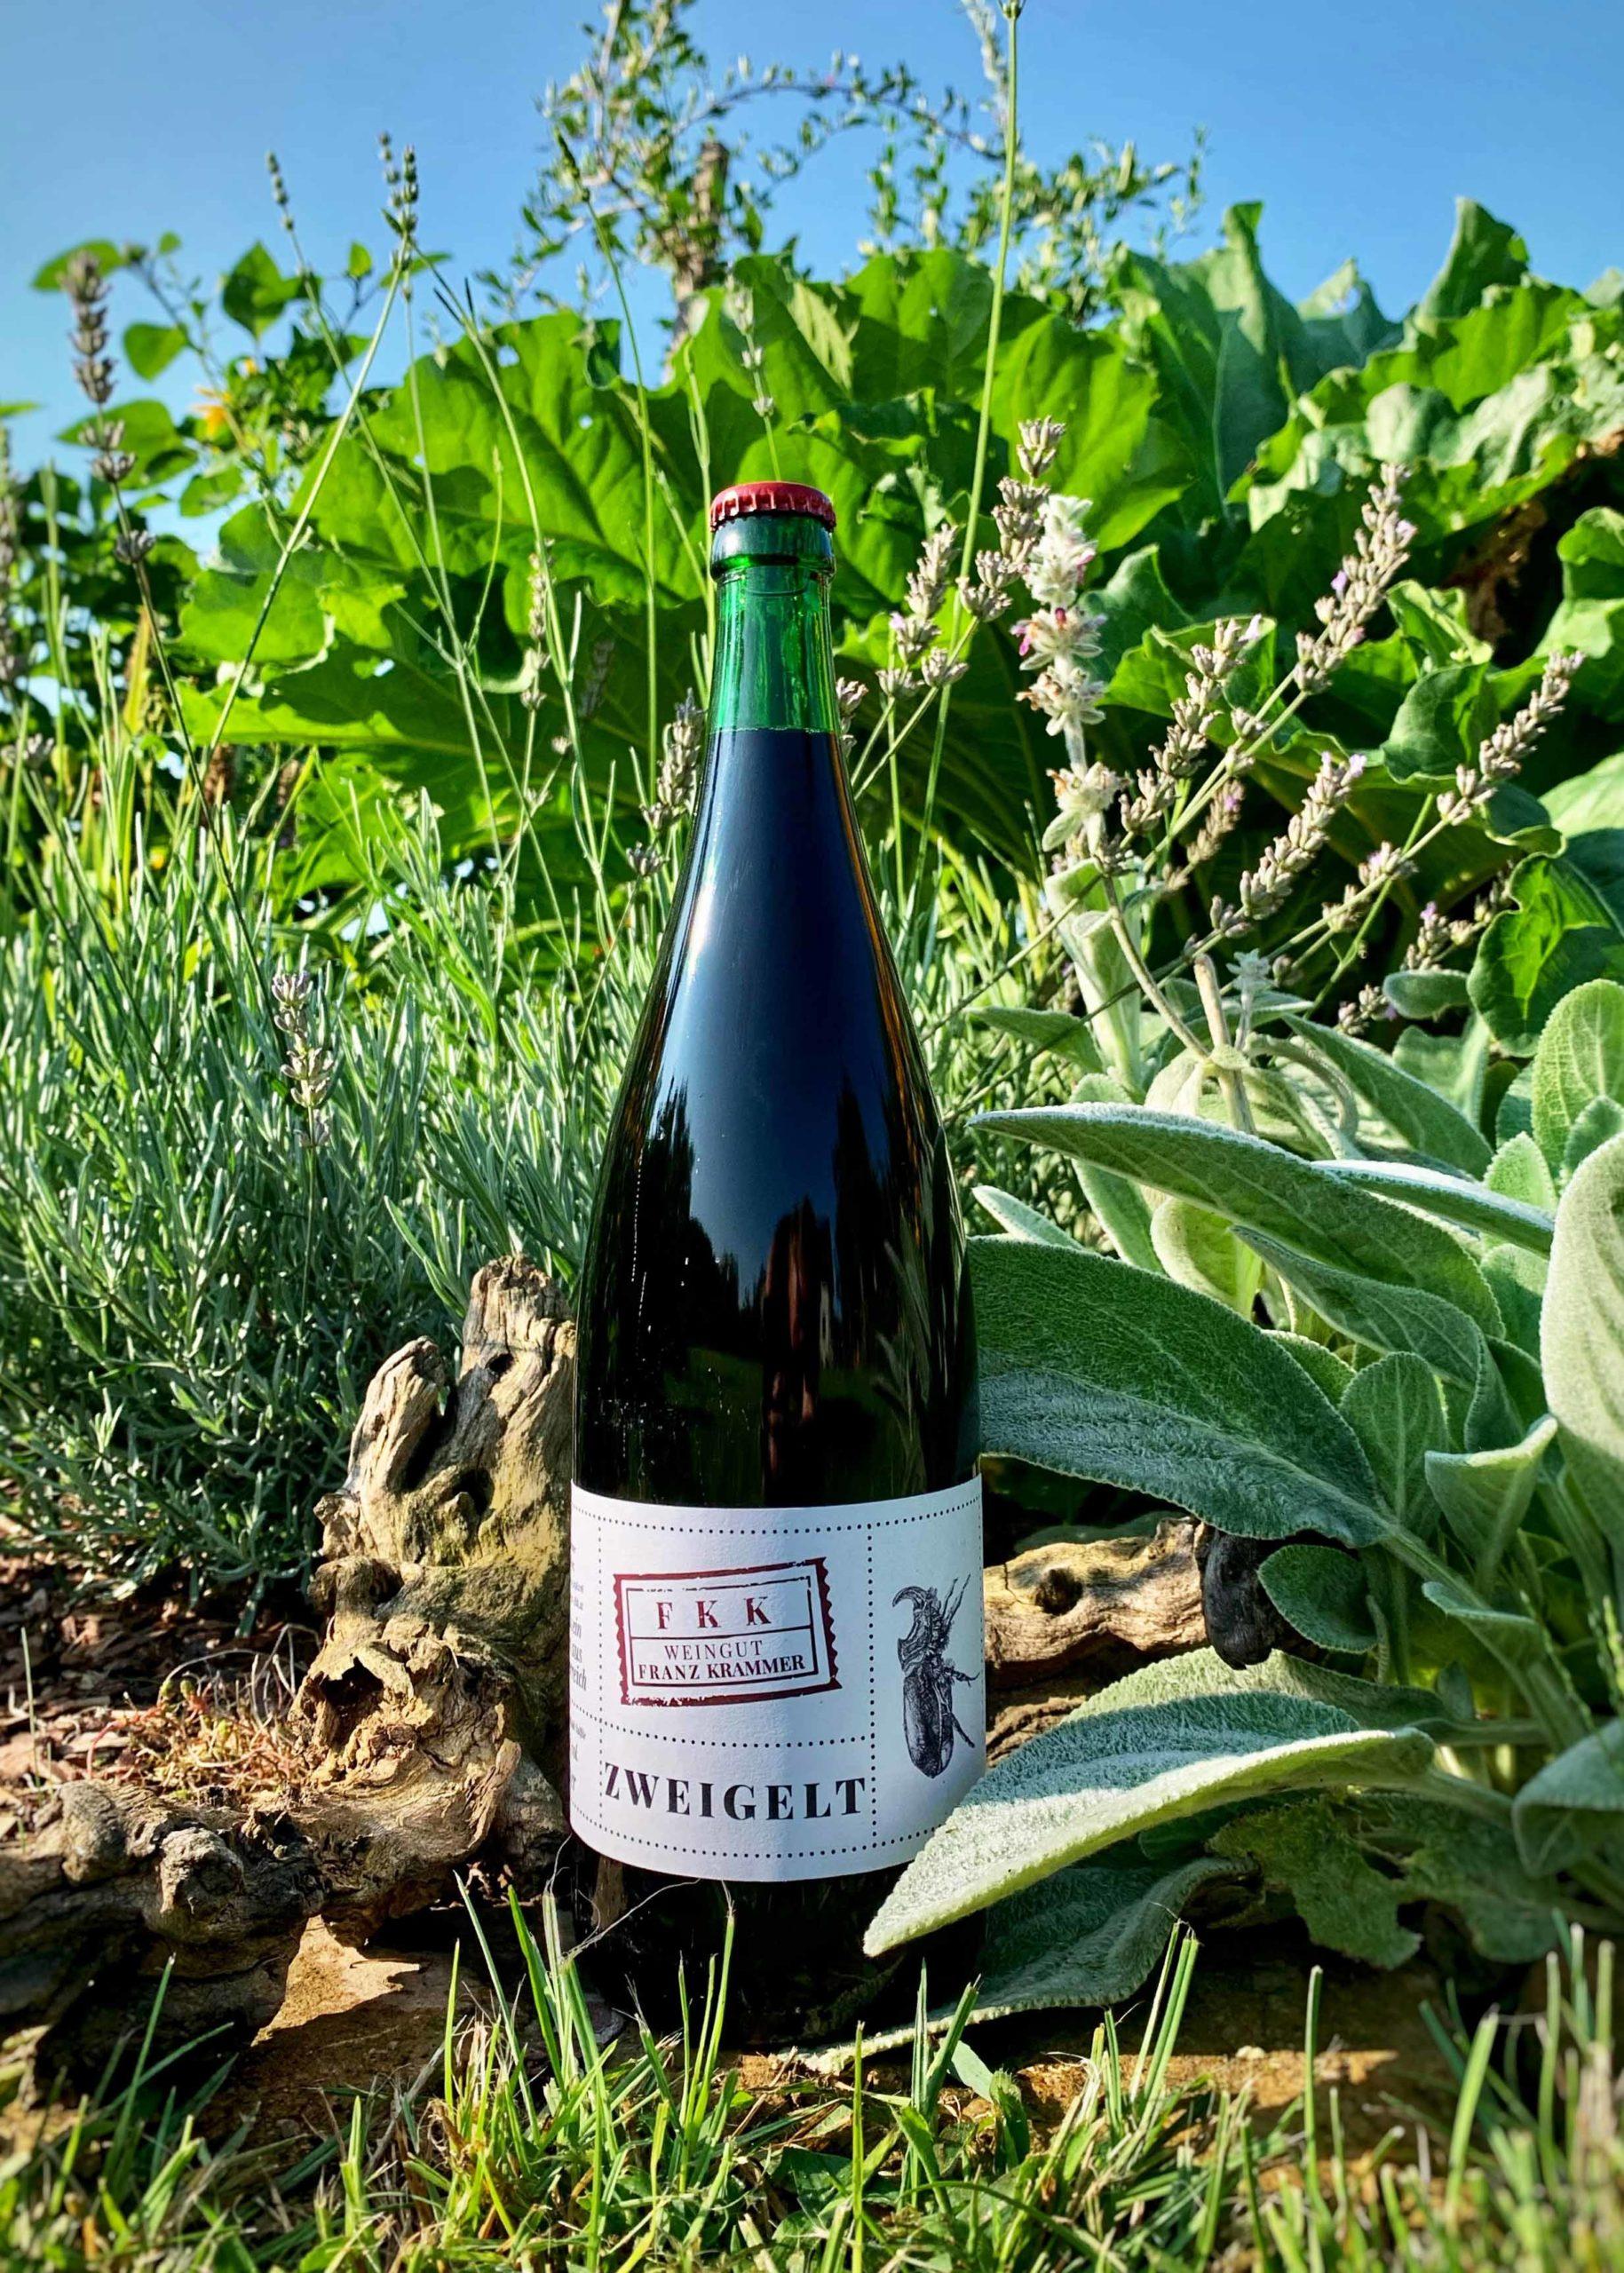 Flasche Landwein Zweigelt 2020